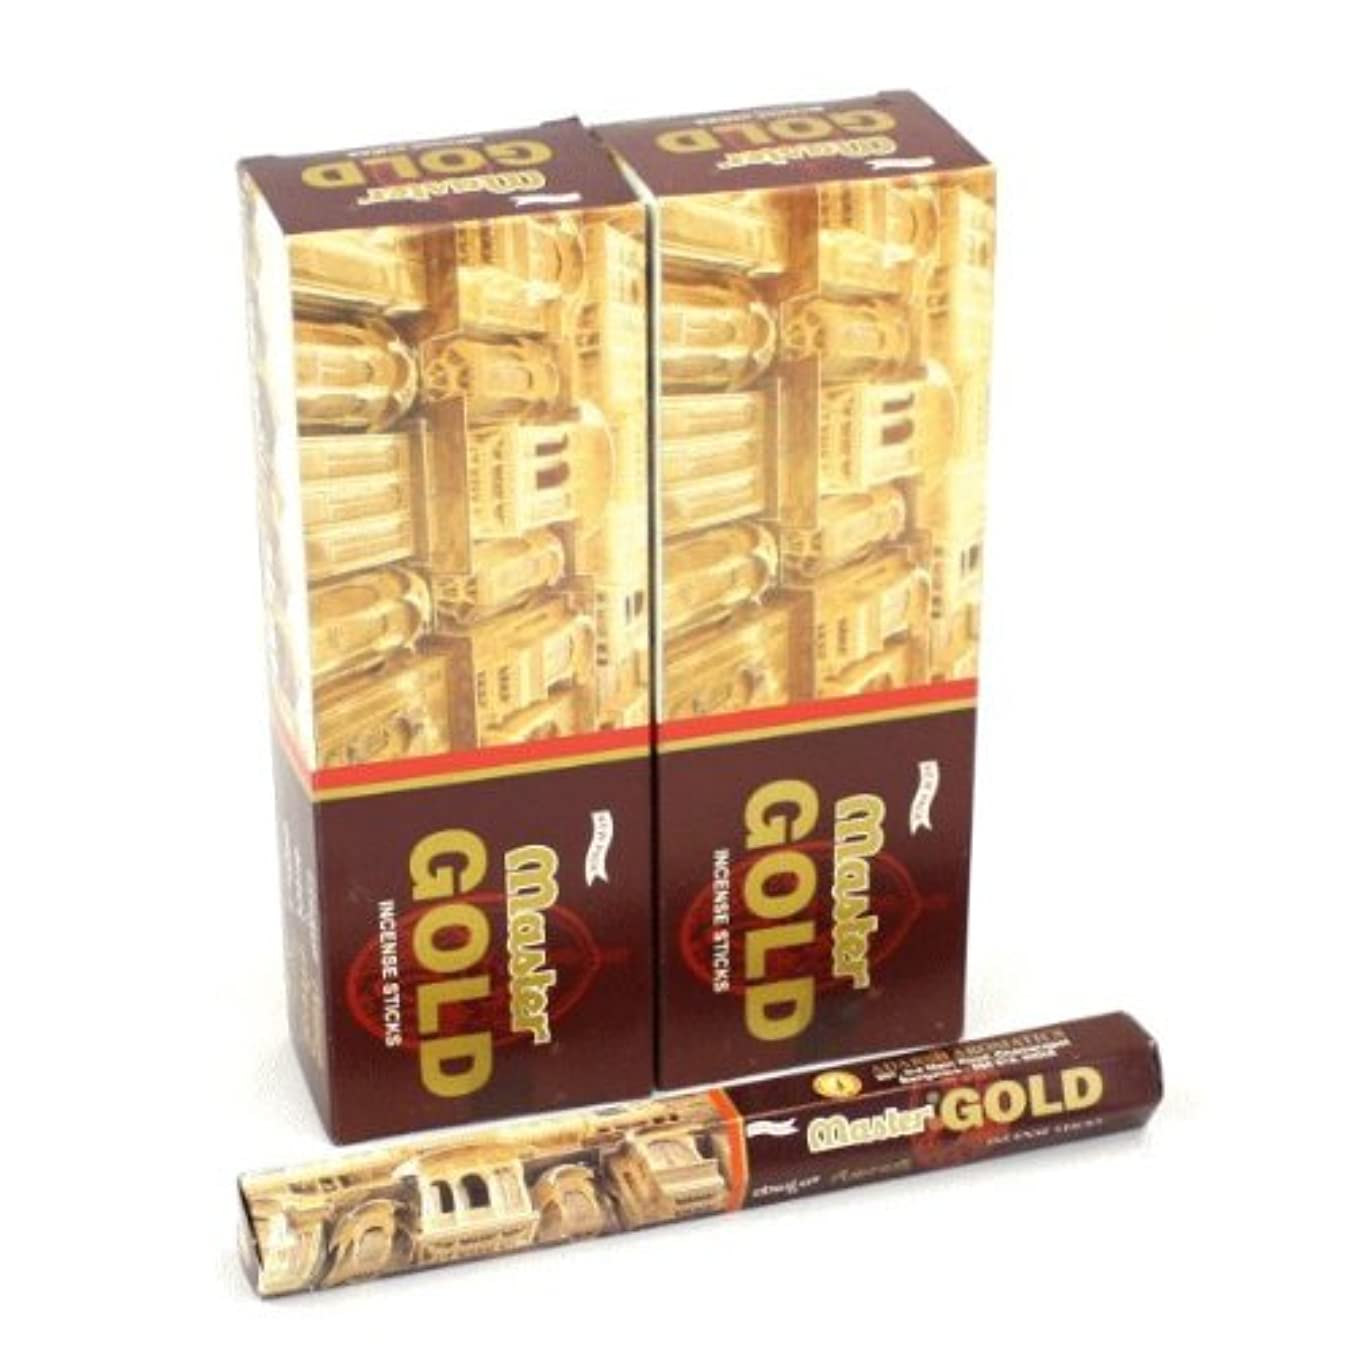 頭蓋骨アンプリハーサルADARSH マスターゴールド香 スティック ヘキサパック(六角) 12箱セット MASTER GOLD